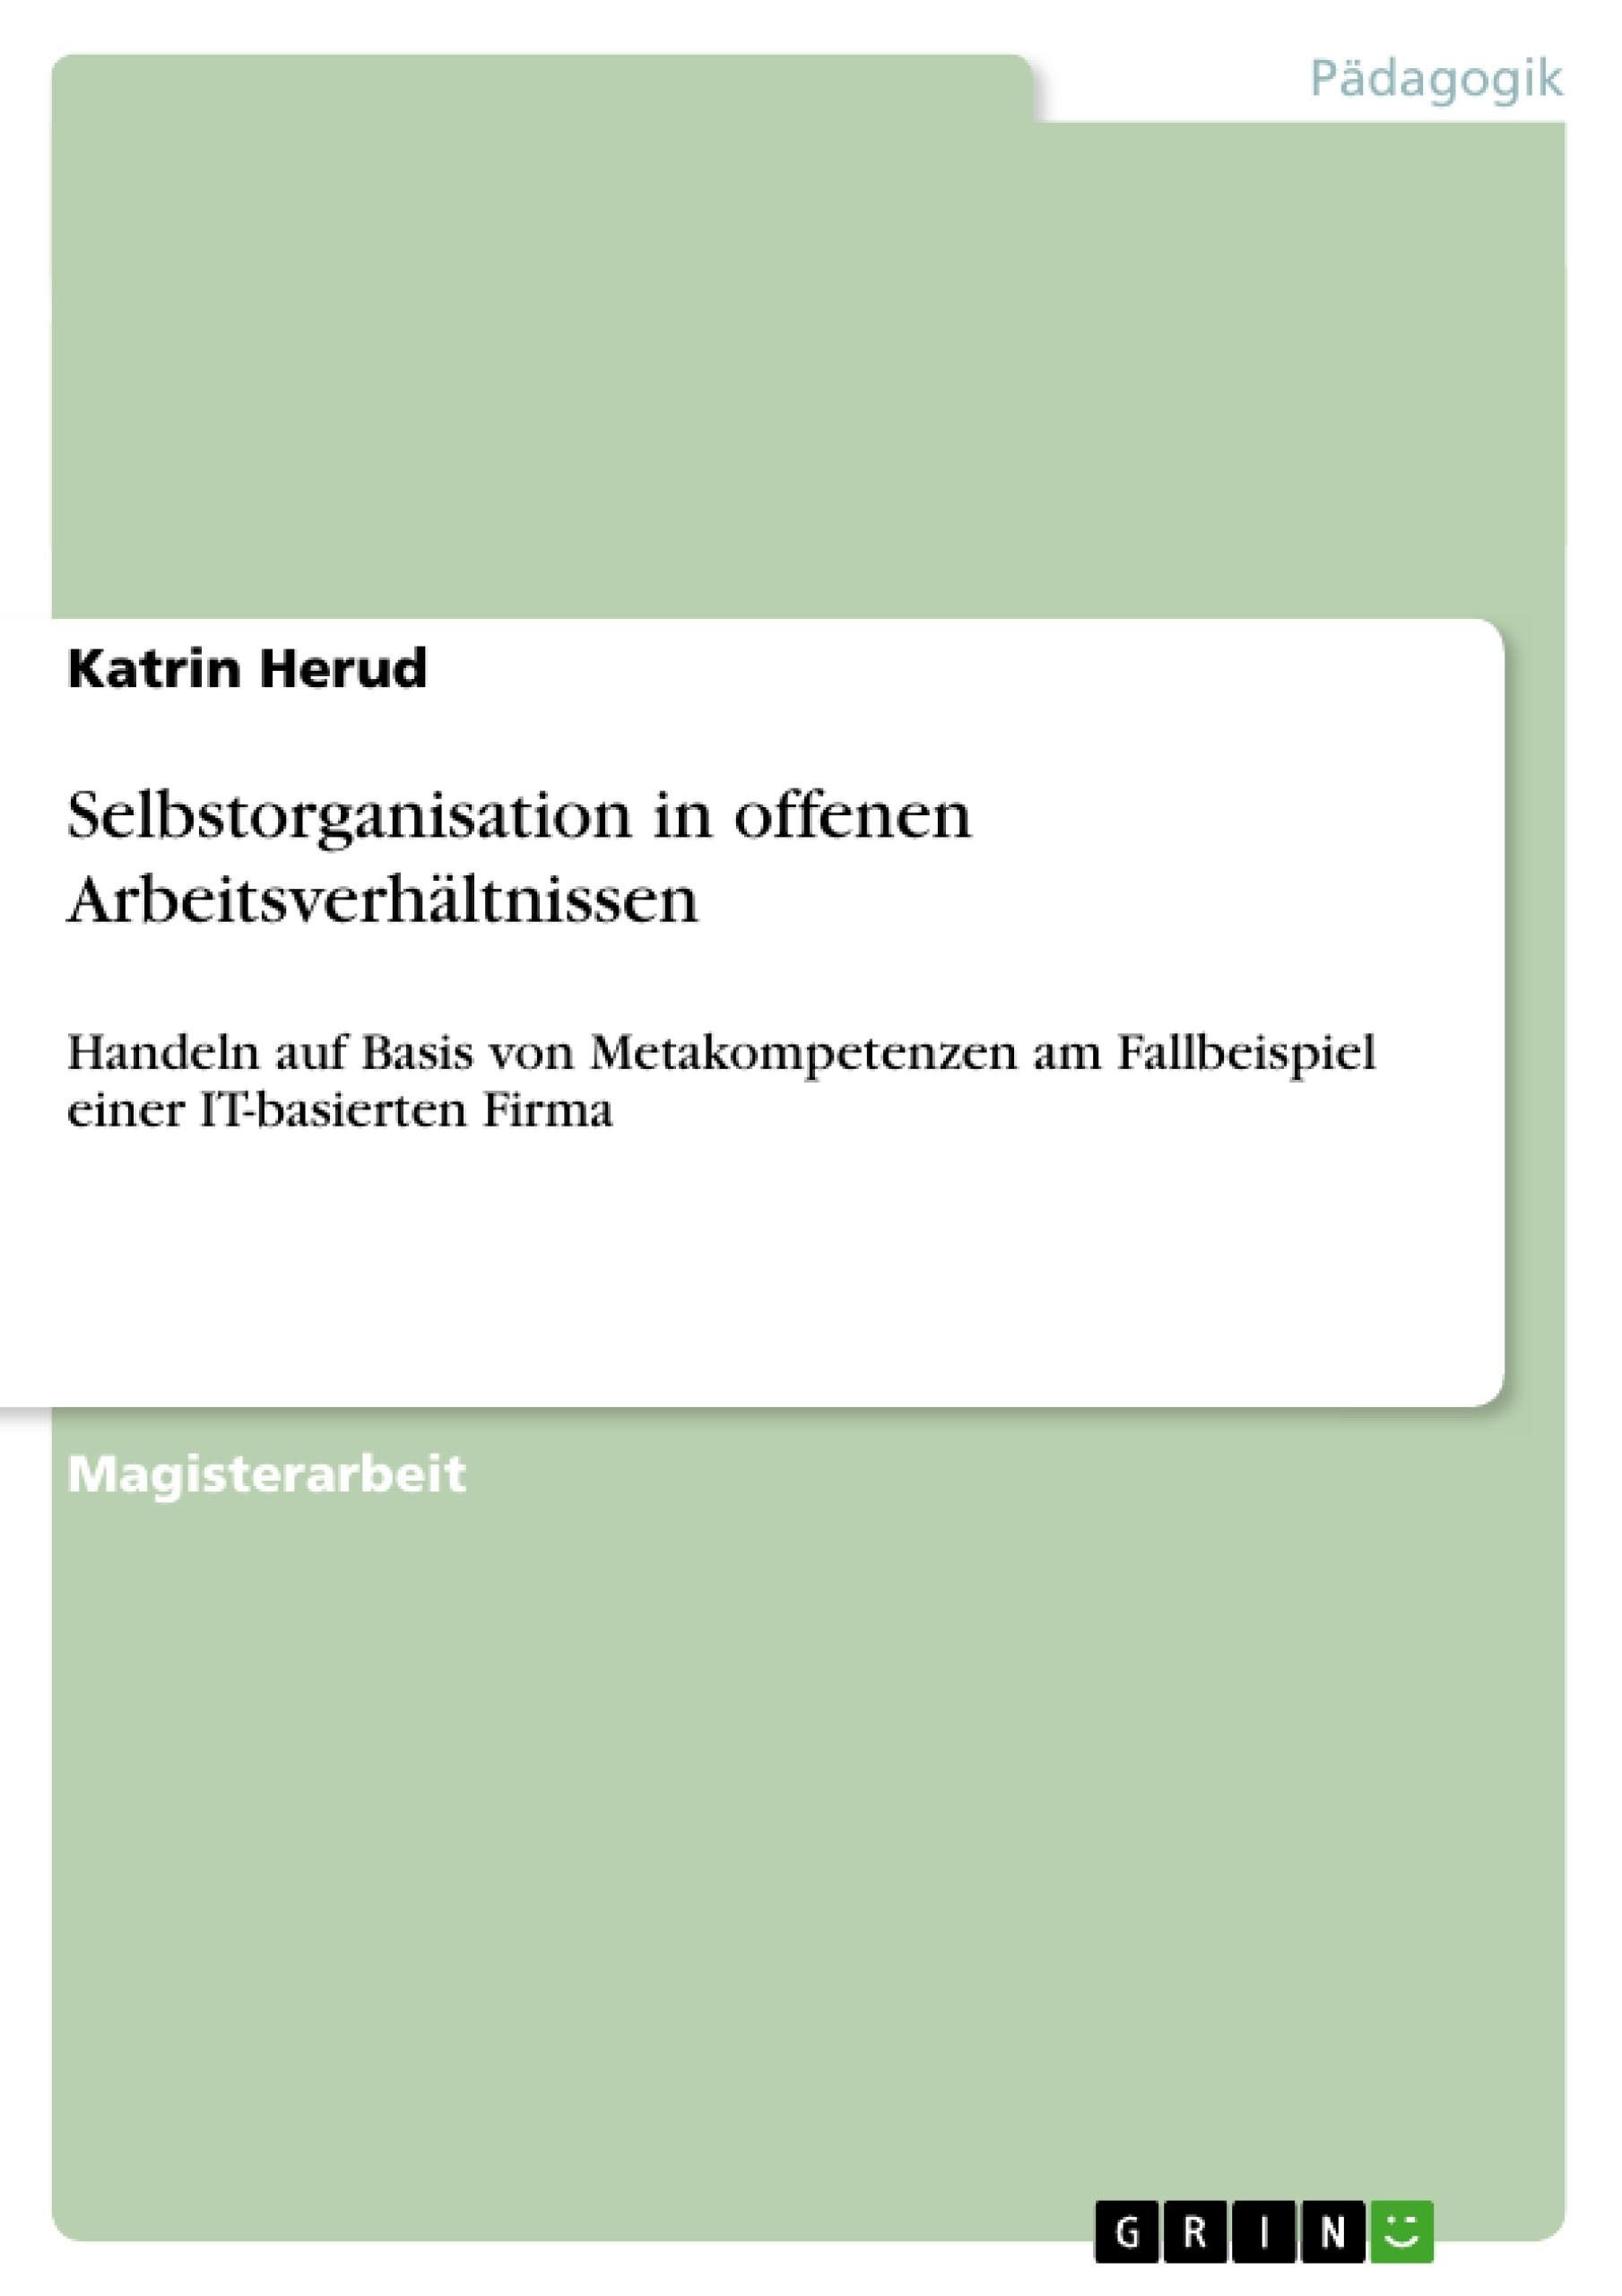 Titel: Selbstorganisation in offenen Arbeitsverhältnissen